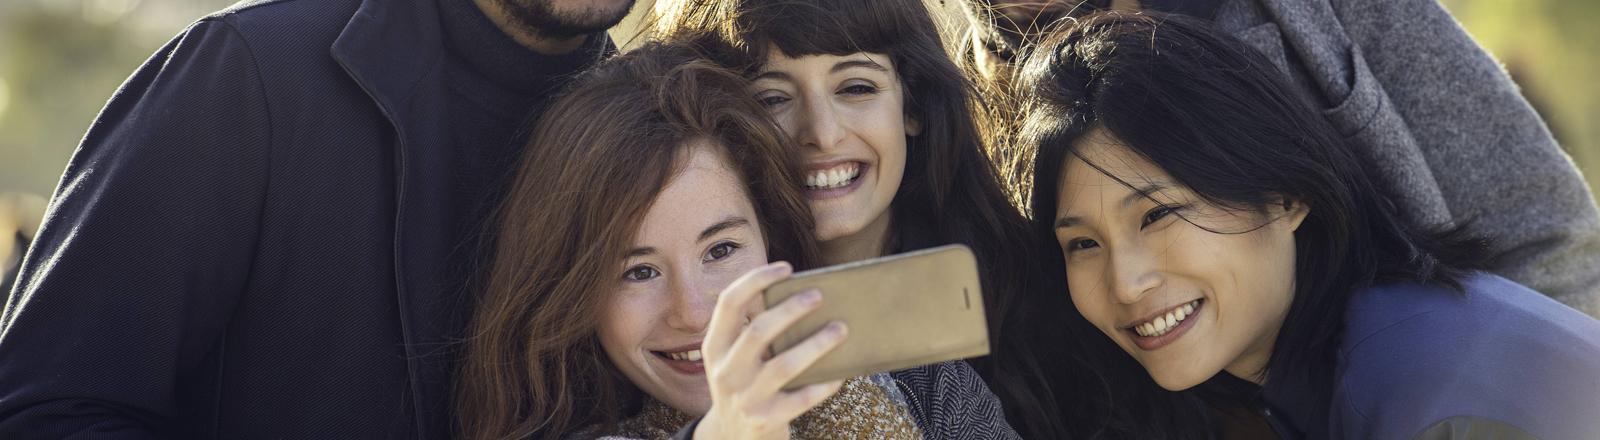 Fünf Freunde machen ein Selfie